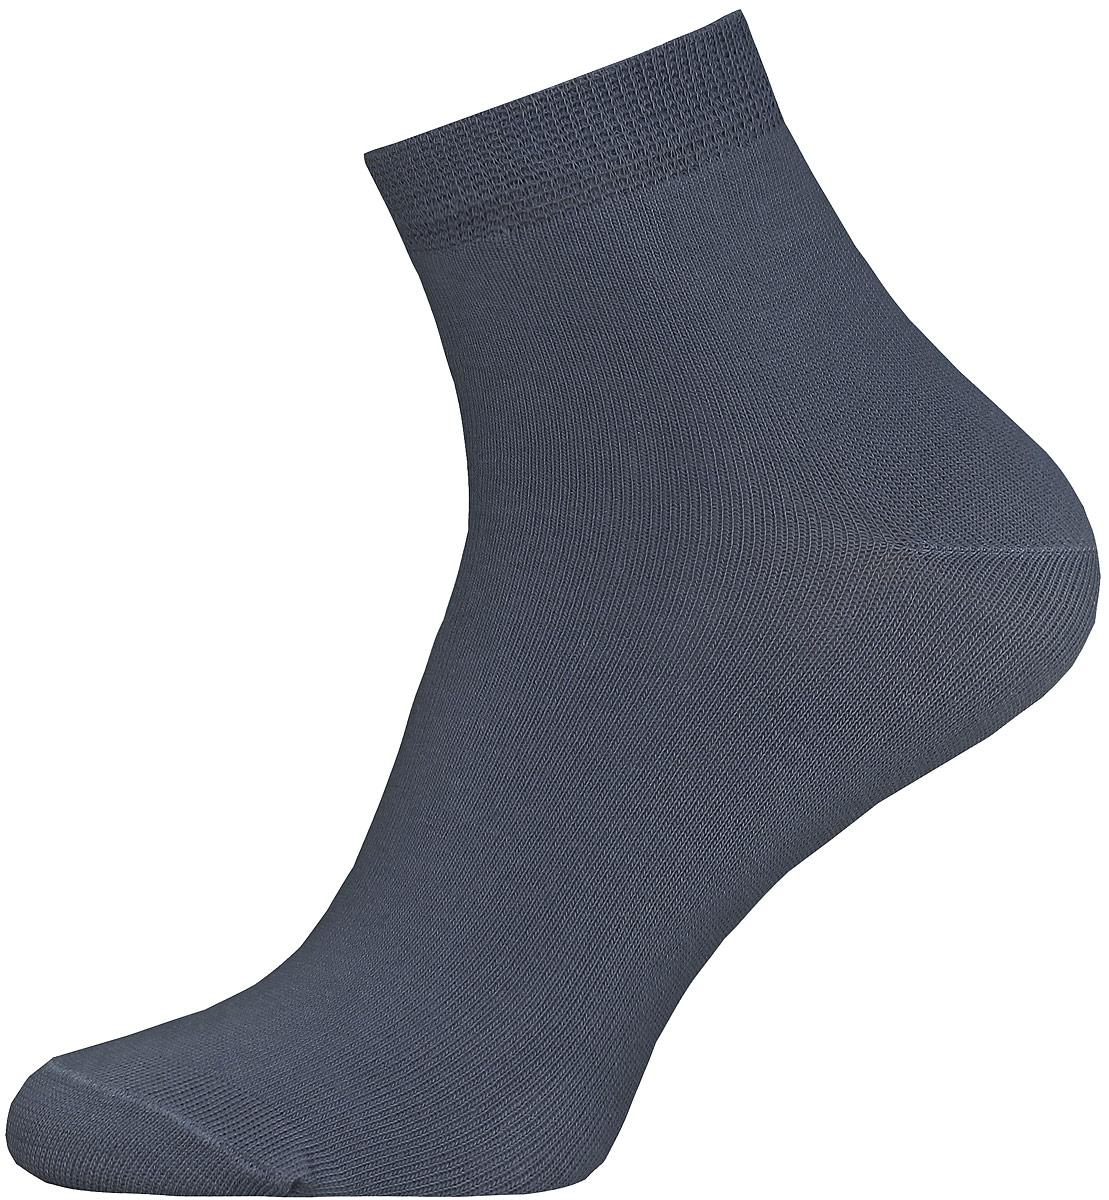 Носки14С2124/000Мужские гладкие носки Брестские Classic изготовлены из хлопка с добавлением полиэстера и эластана. На модели предусмотрен укороченный двойной борт. Носки хорошо держат форму и обладают повышенной воздухопроницаемостью, имеют усиленные пятку и мысок для повышенной износостойкости.